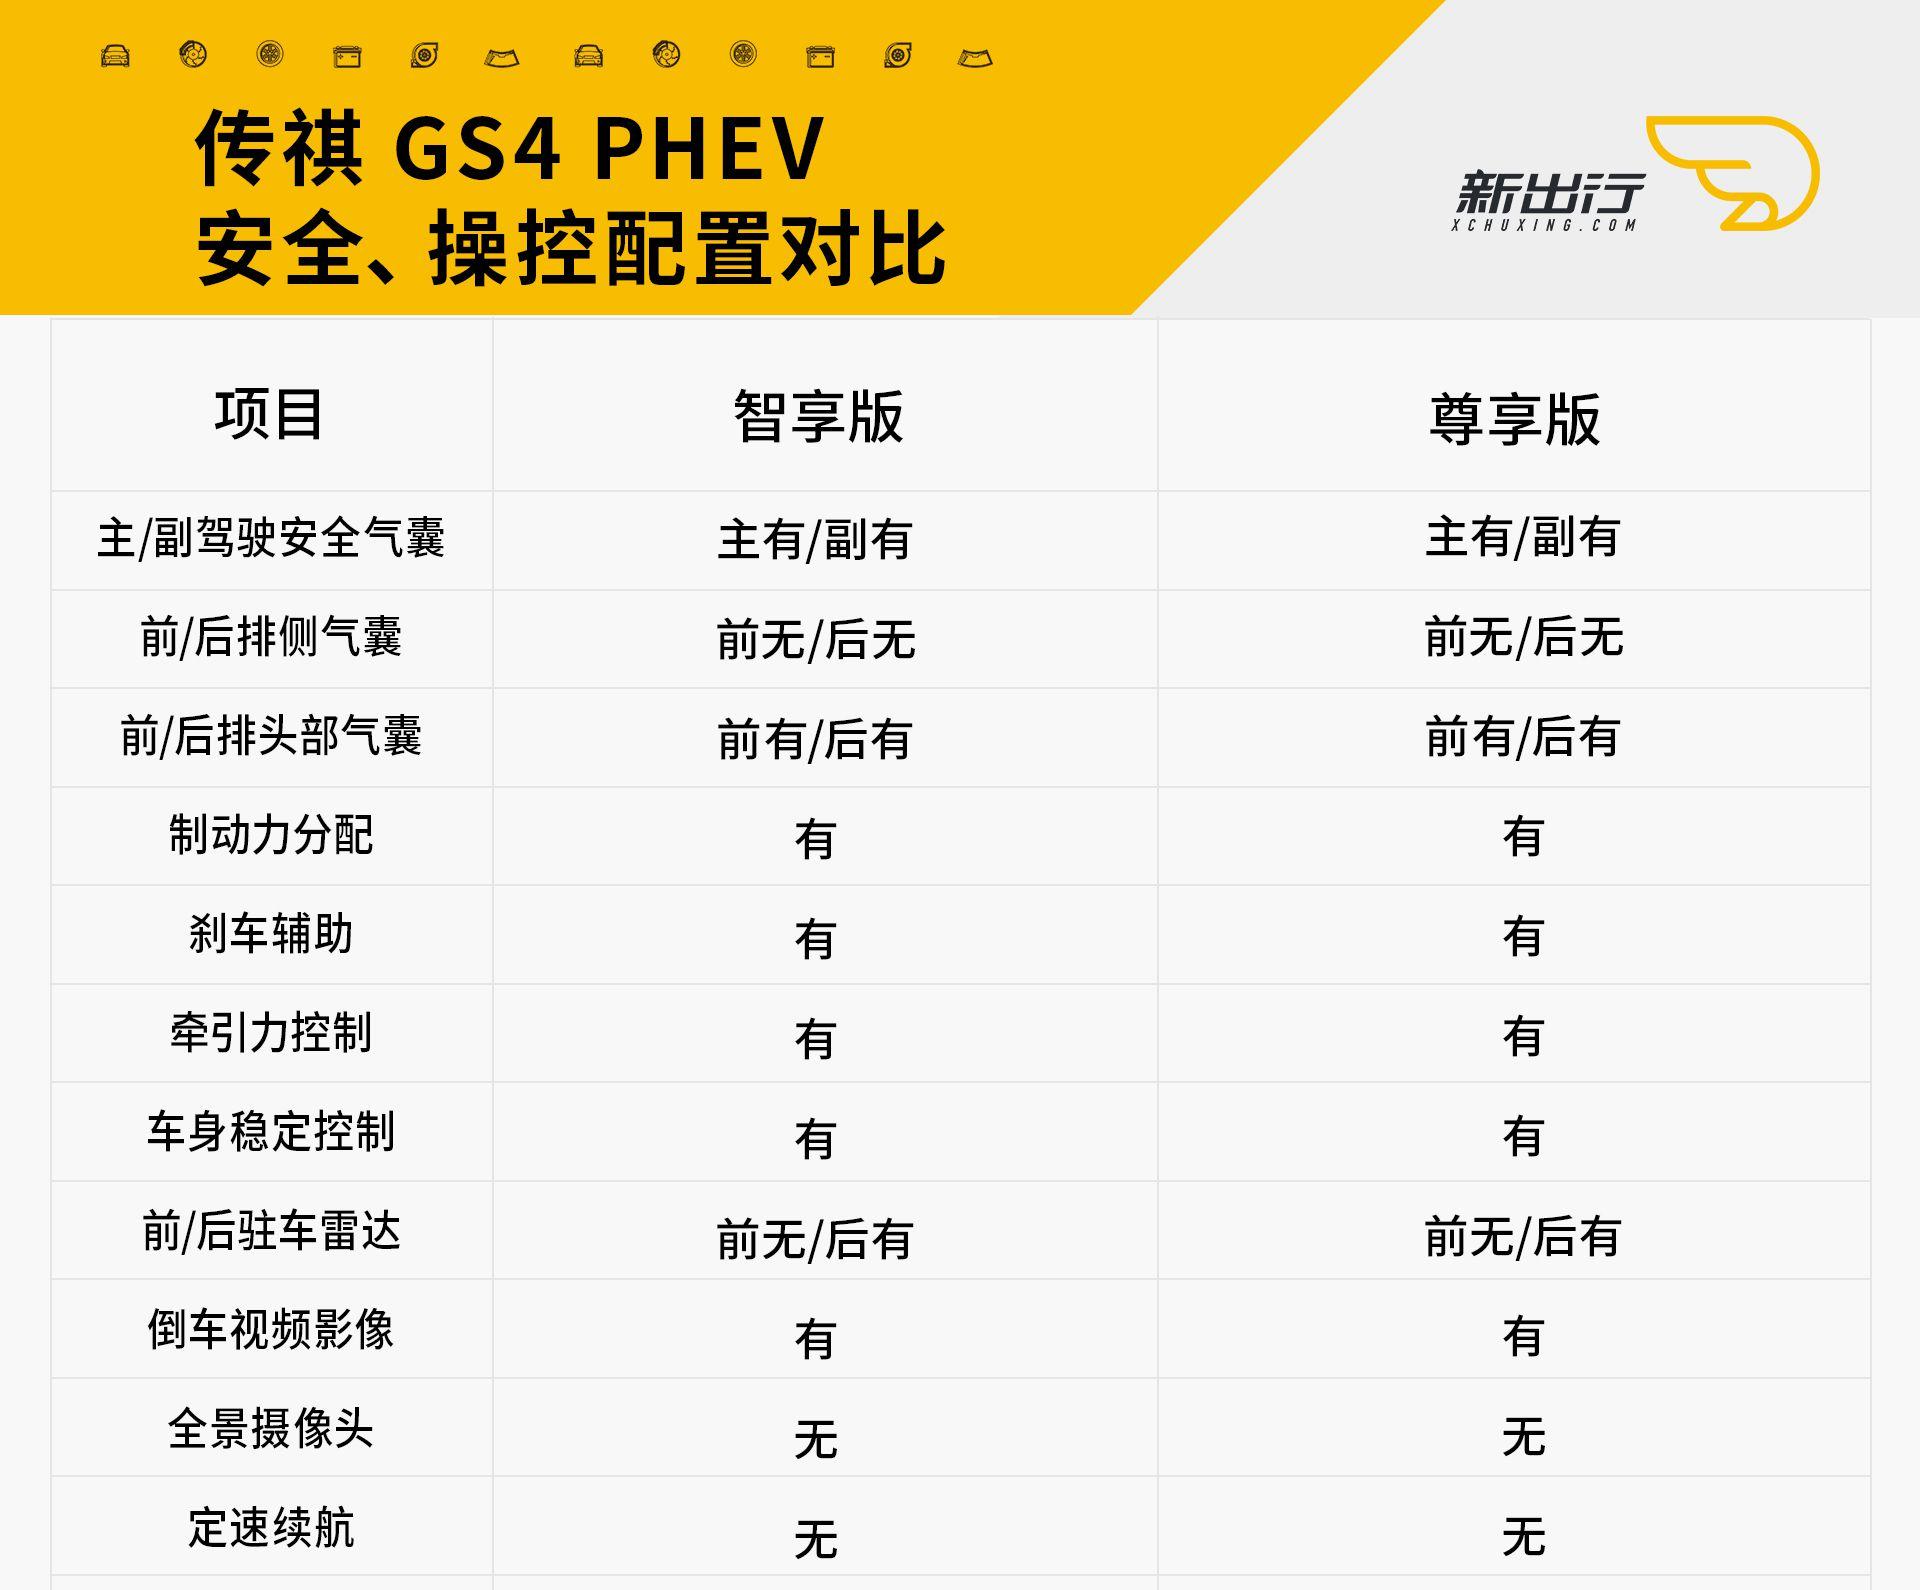 汽车 正文  但在舒适配置上,gs4 phev只有尊享版配备真皮方向盘,主